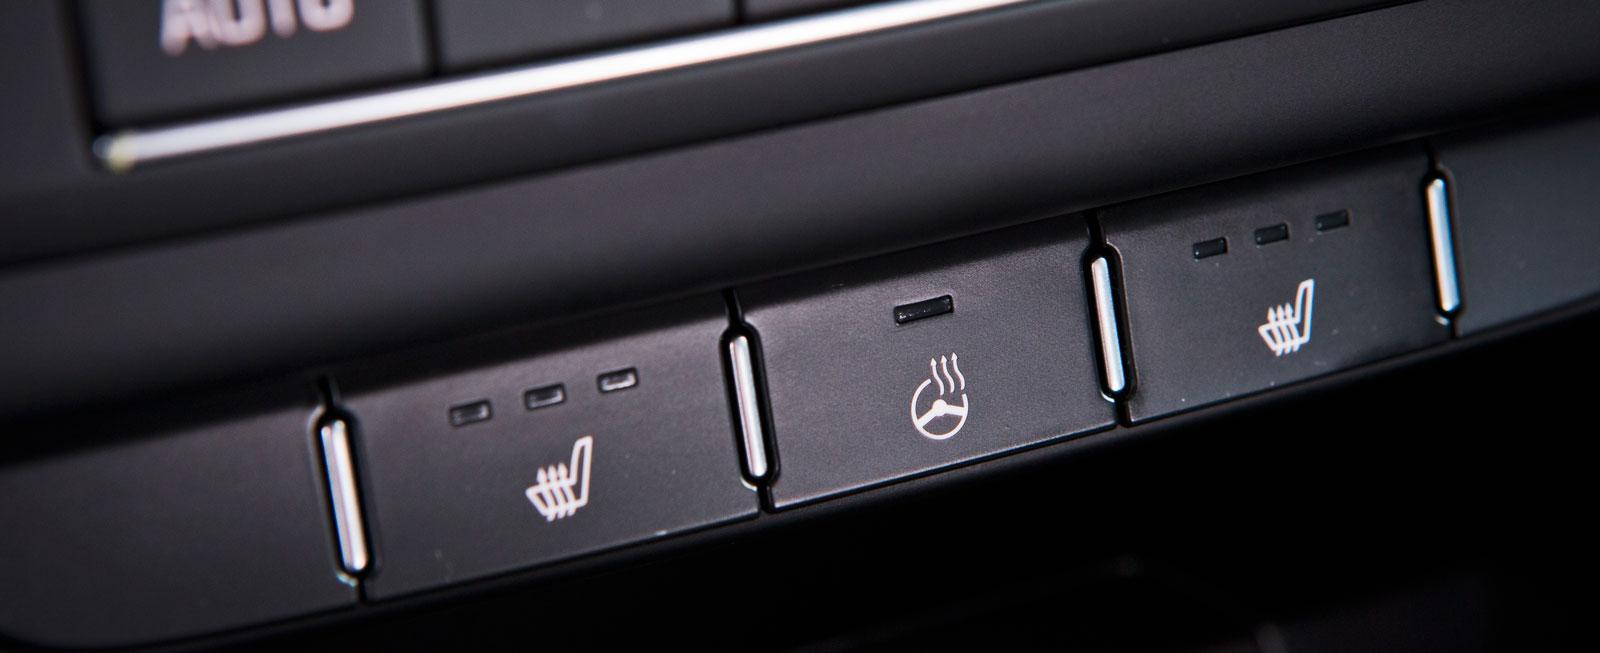 Rattvärme är standard i Kia, men kostar extra till både Ford och Volkswagen.